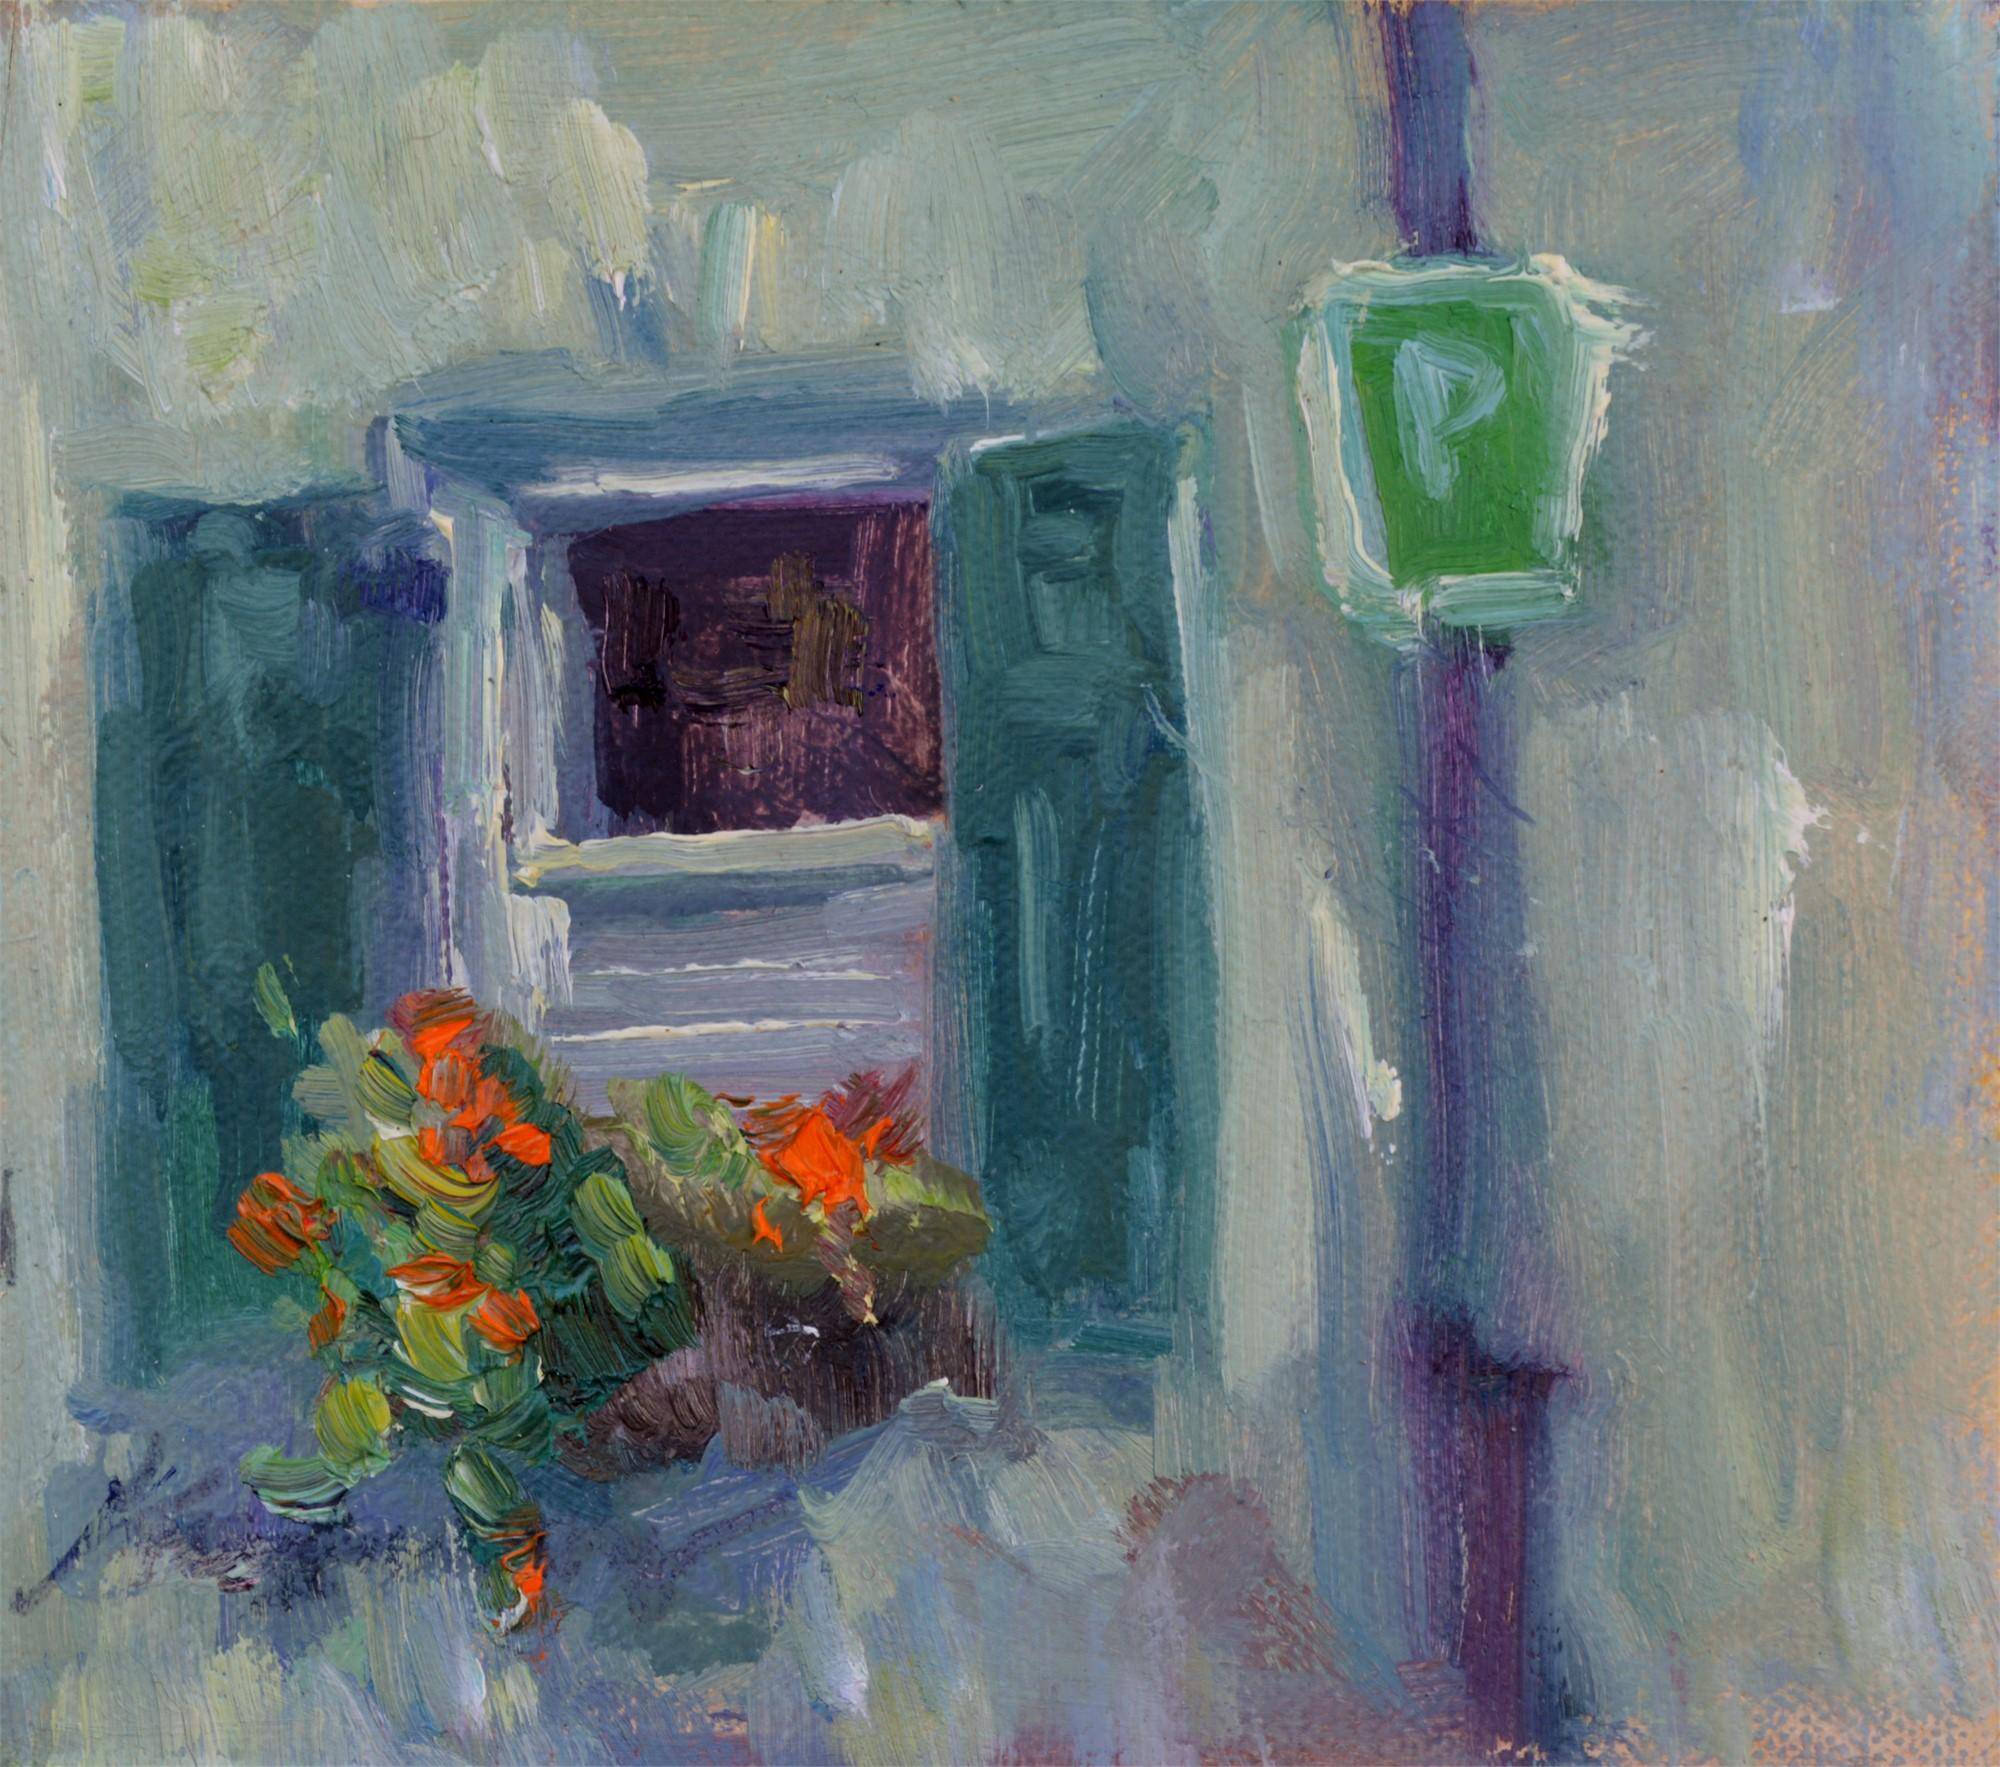 Window on State Street by Karen Hewitt Hagan